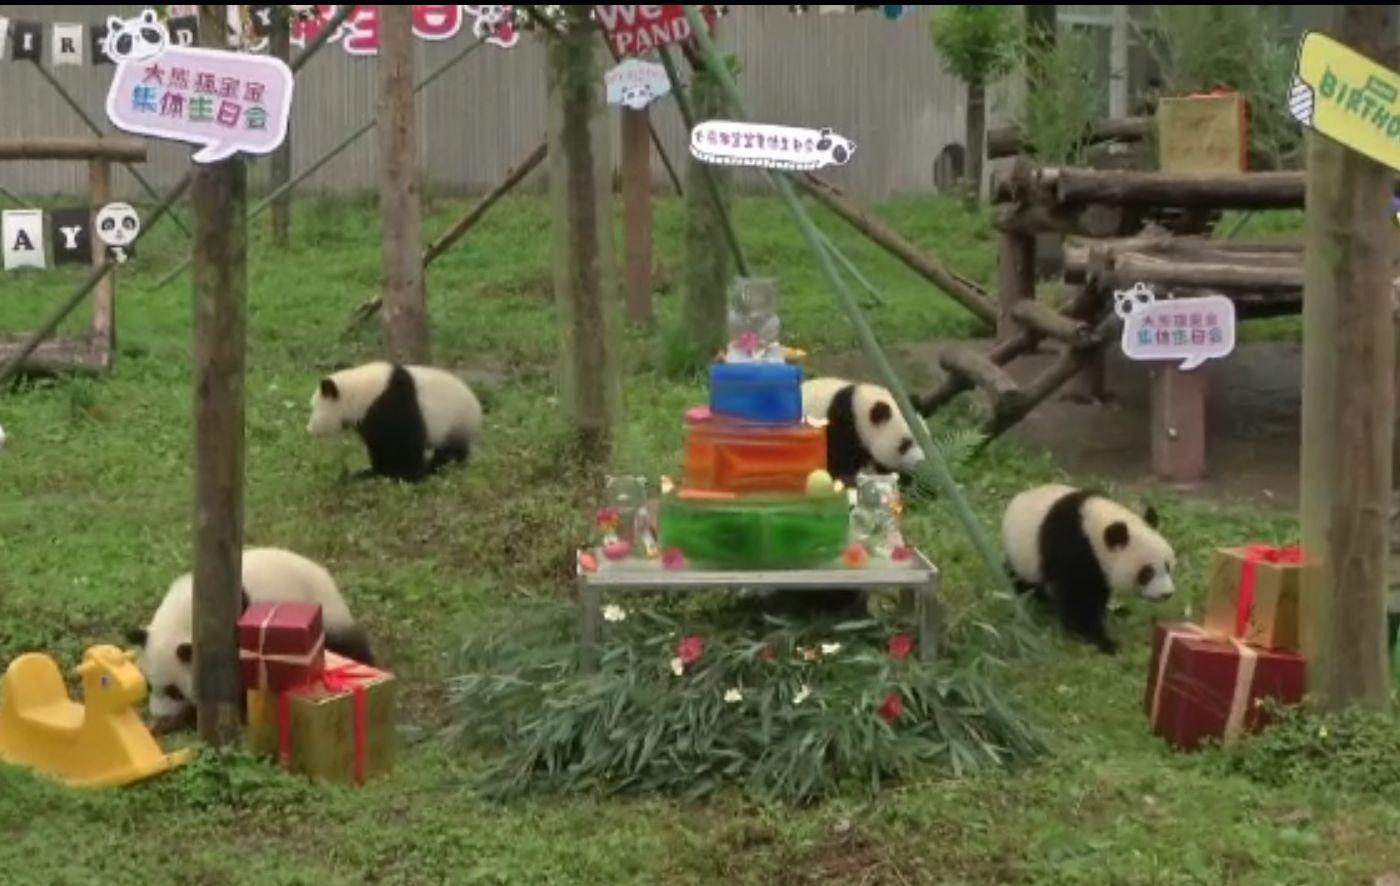 Petrecere cu tort la un centru dedicat urșilor panda, din China. Ursuleții sunt împărțiți în trei clase